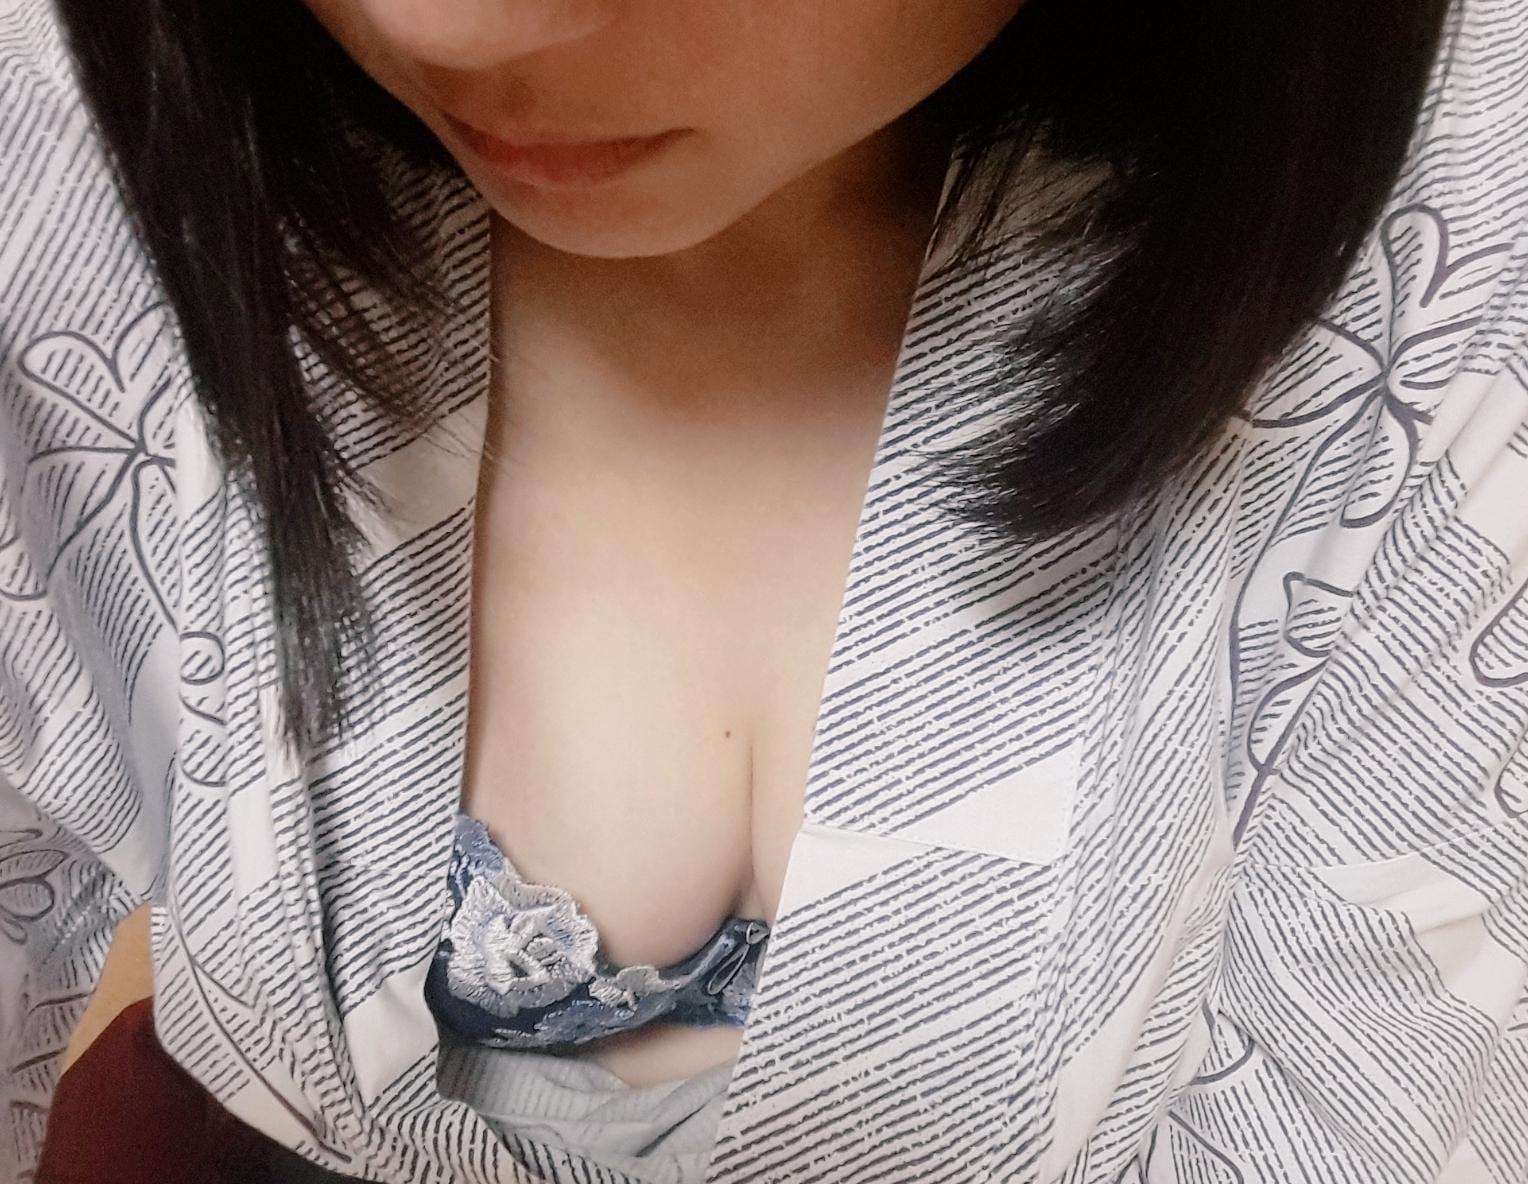 「温泉LOVE(*^^*)」02/25日(火) 21:21 | ちとせの写メ・風俗動画